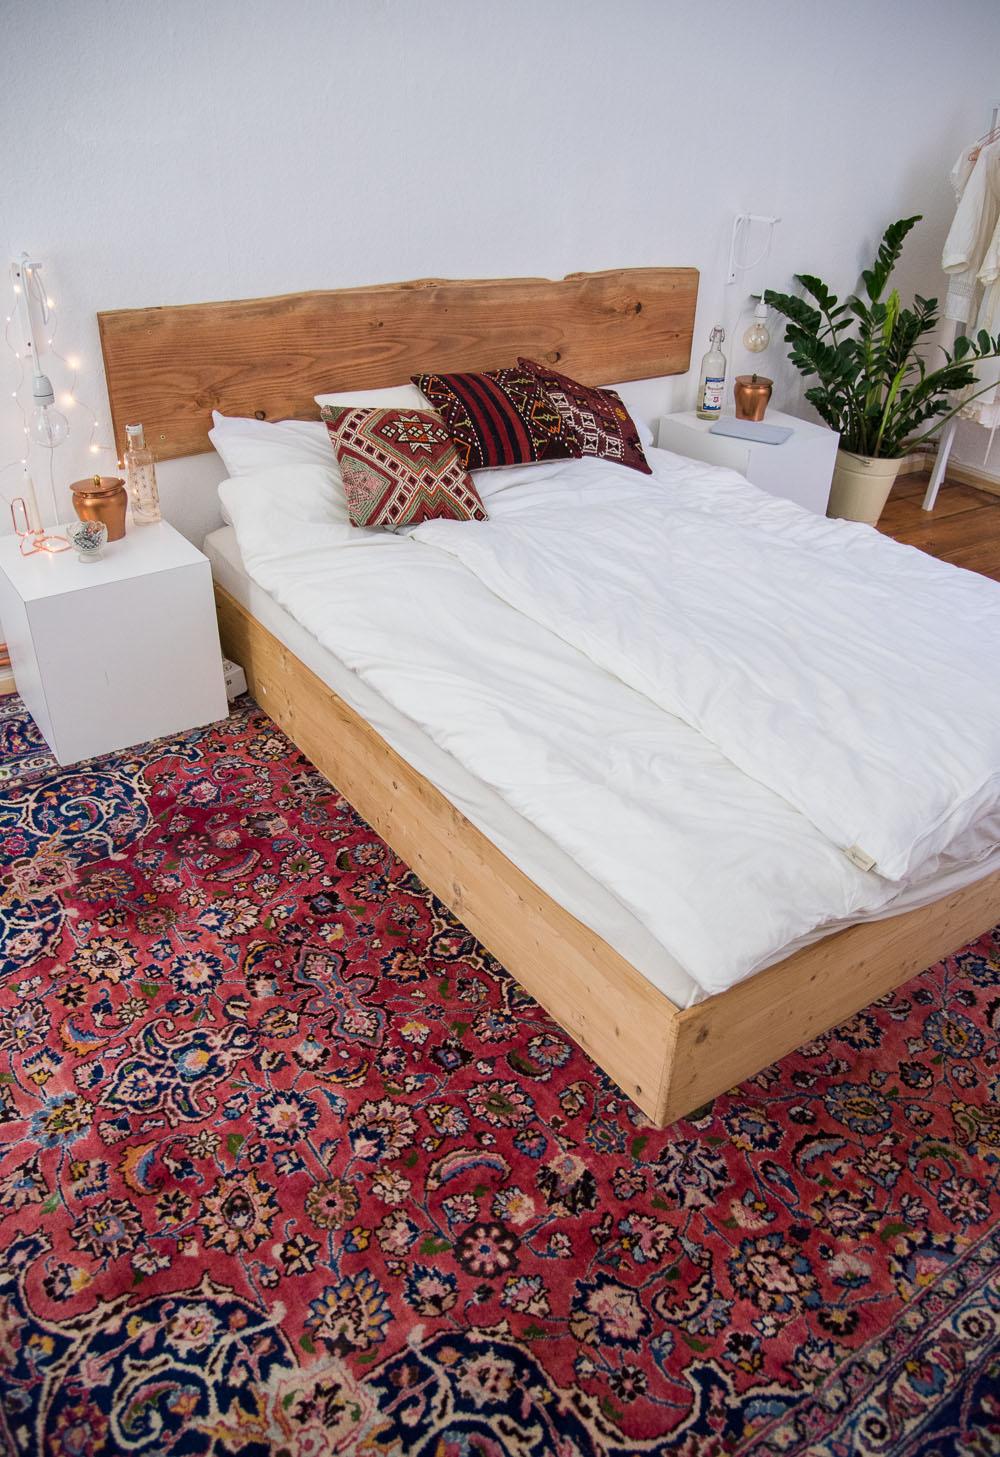 bedroom (1 of 3)